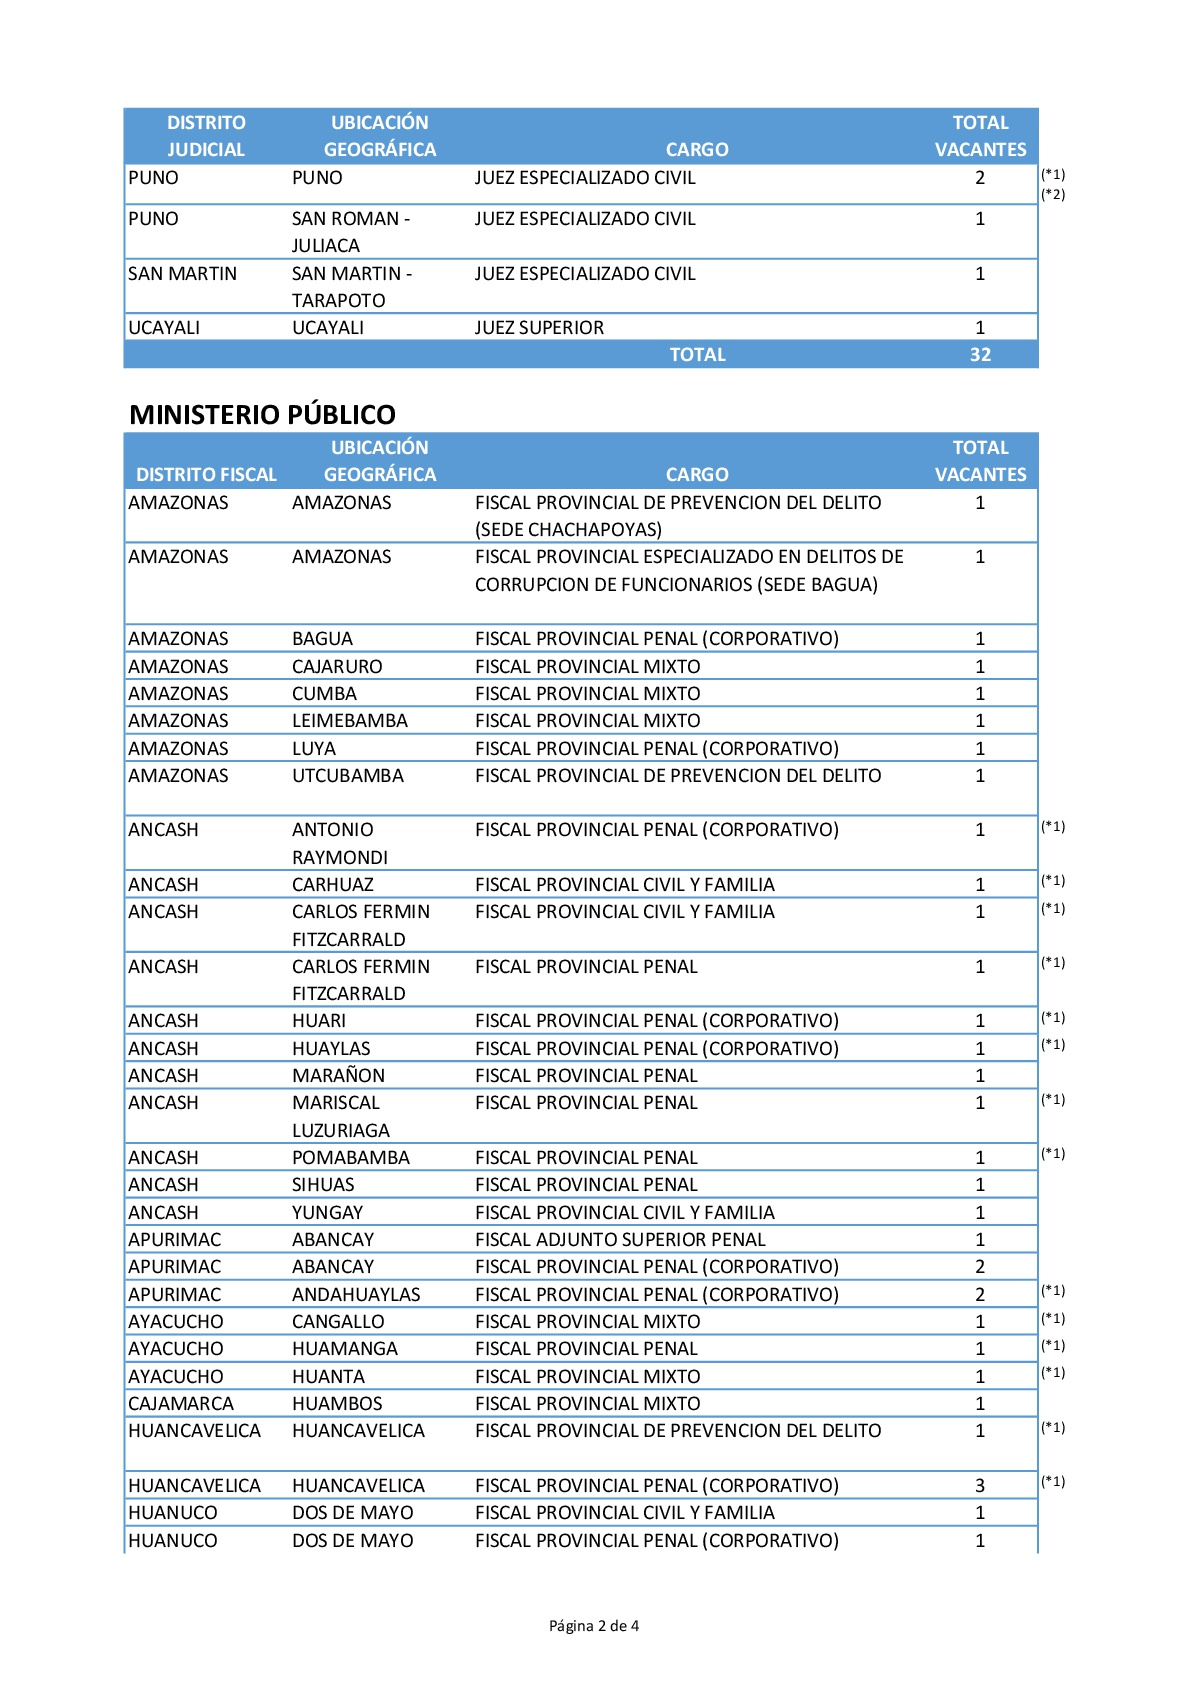 Plazas-vacantes-005-2017-CNM-Legis.pe-002